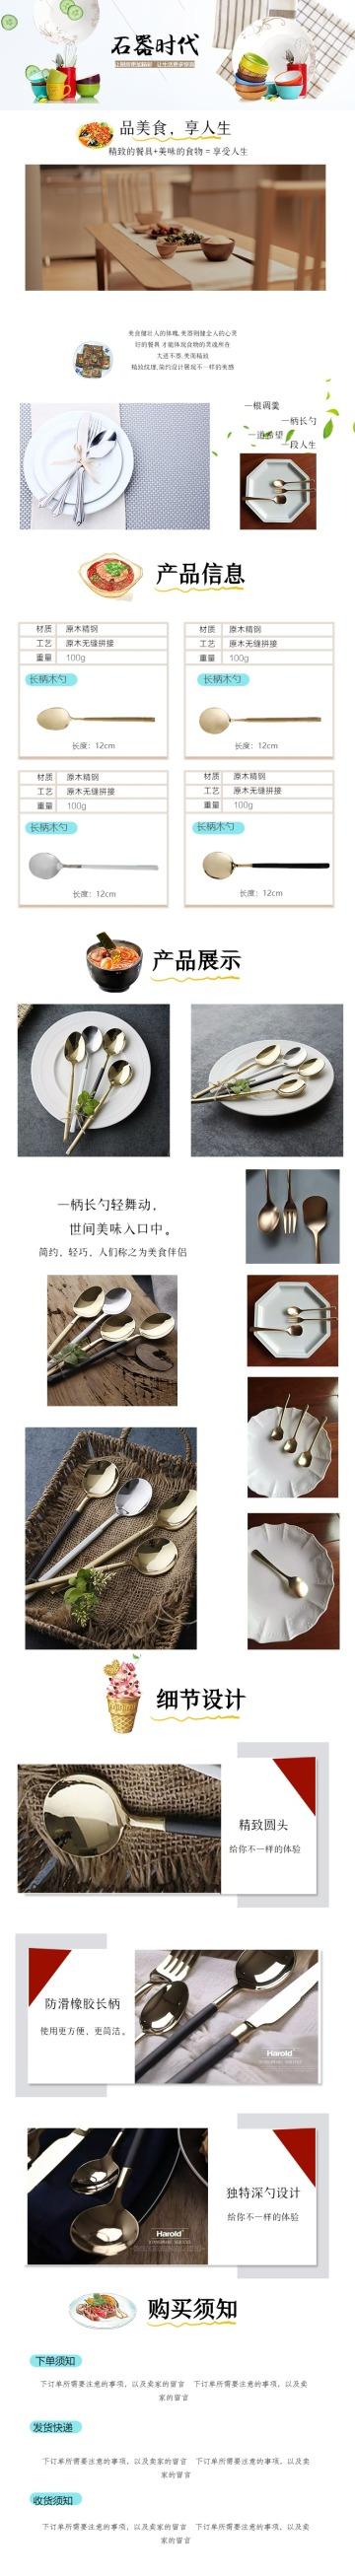 清晰简约百货零售家居生活餐具促销电商详情页